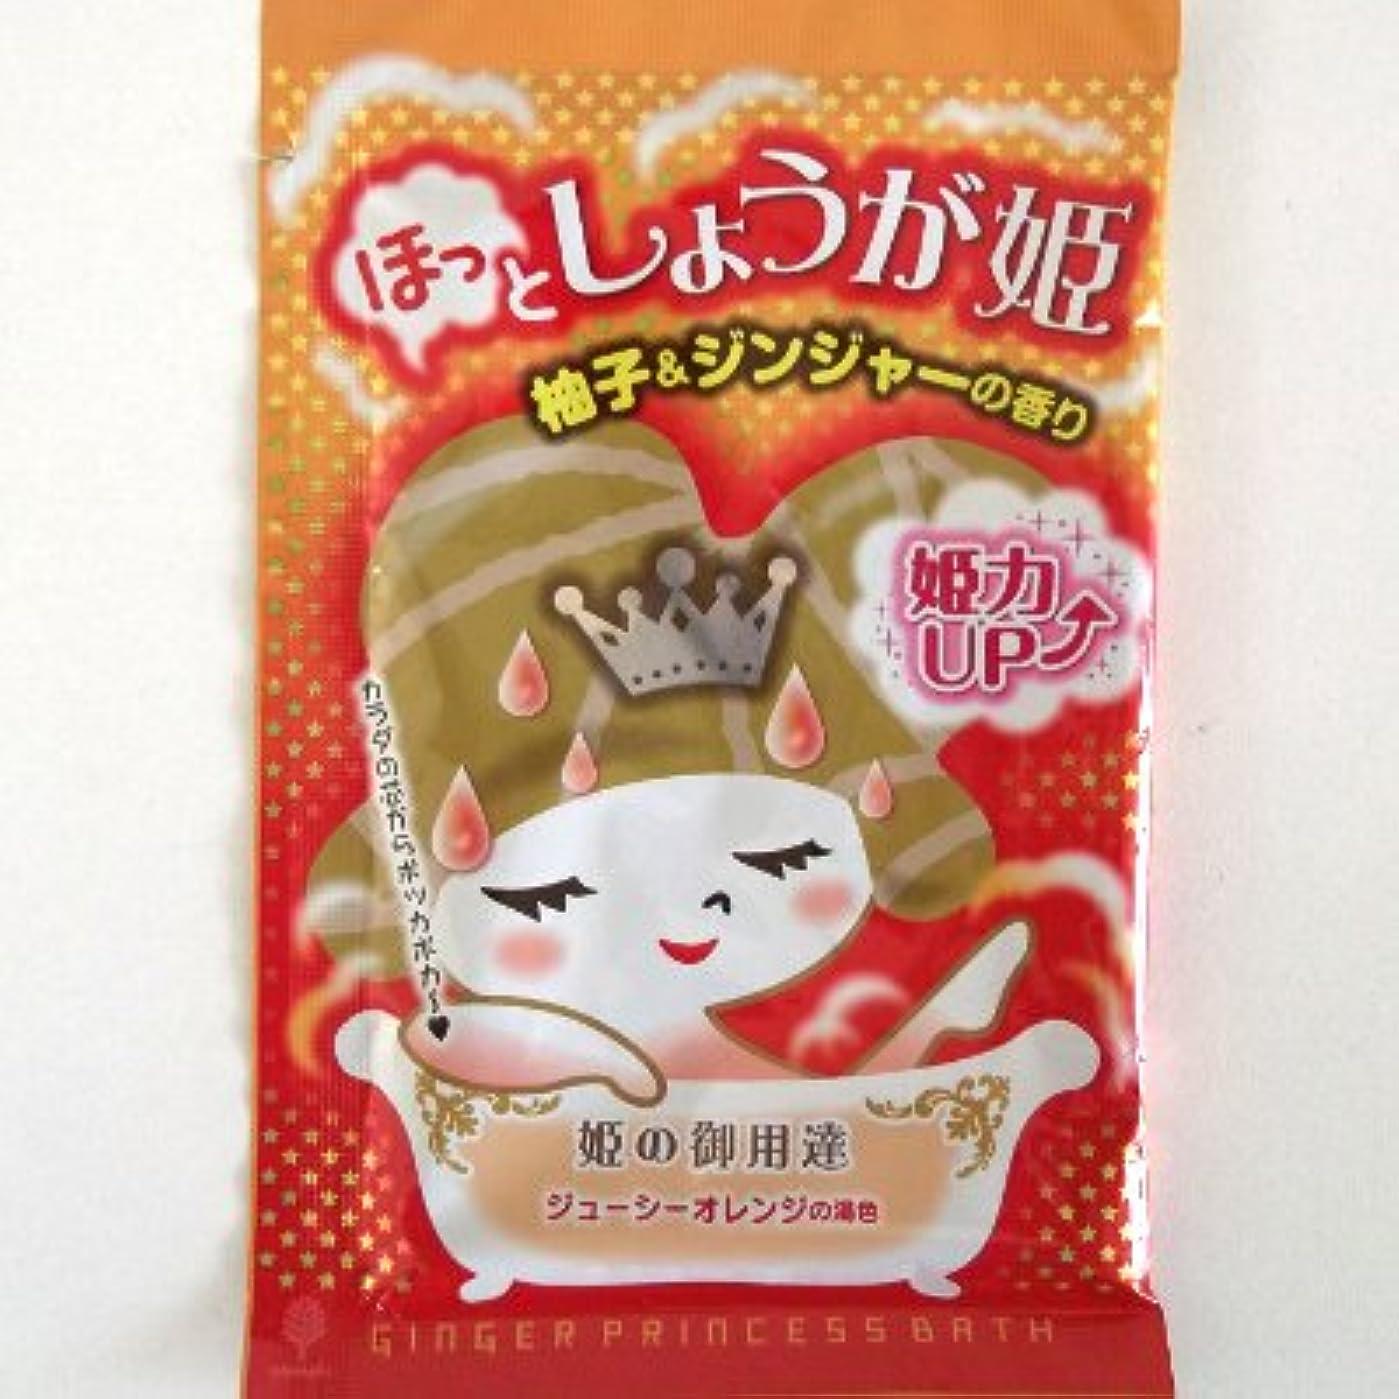 口径長々とメーターほっとしょうが姫 柚子&ジンジャーの香り